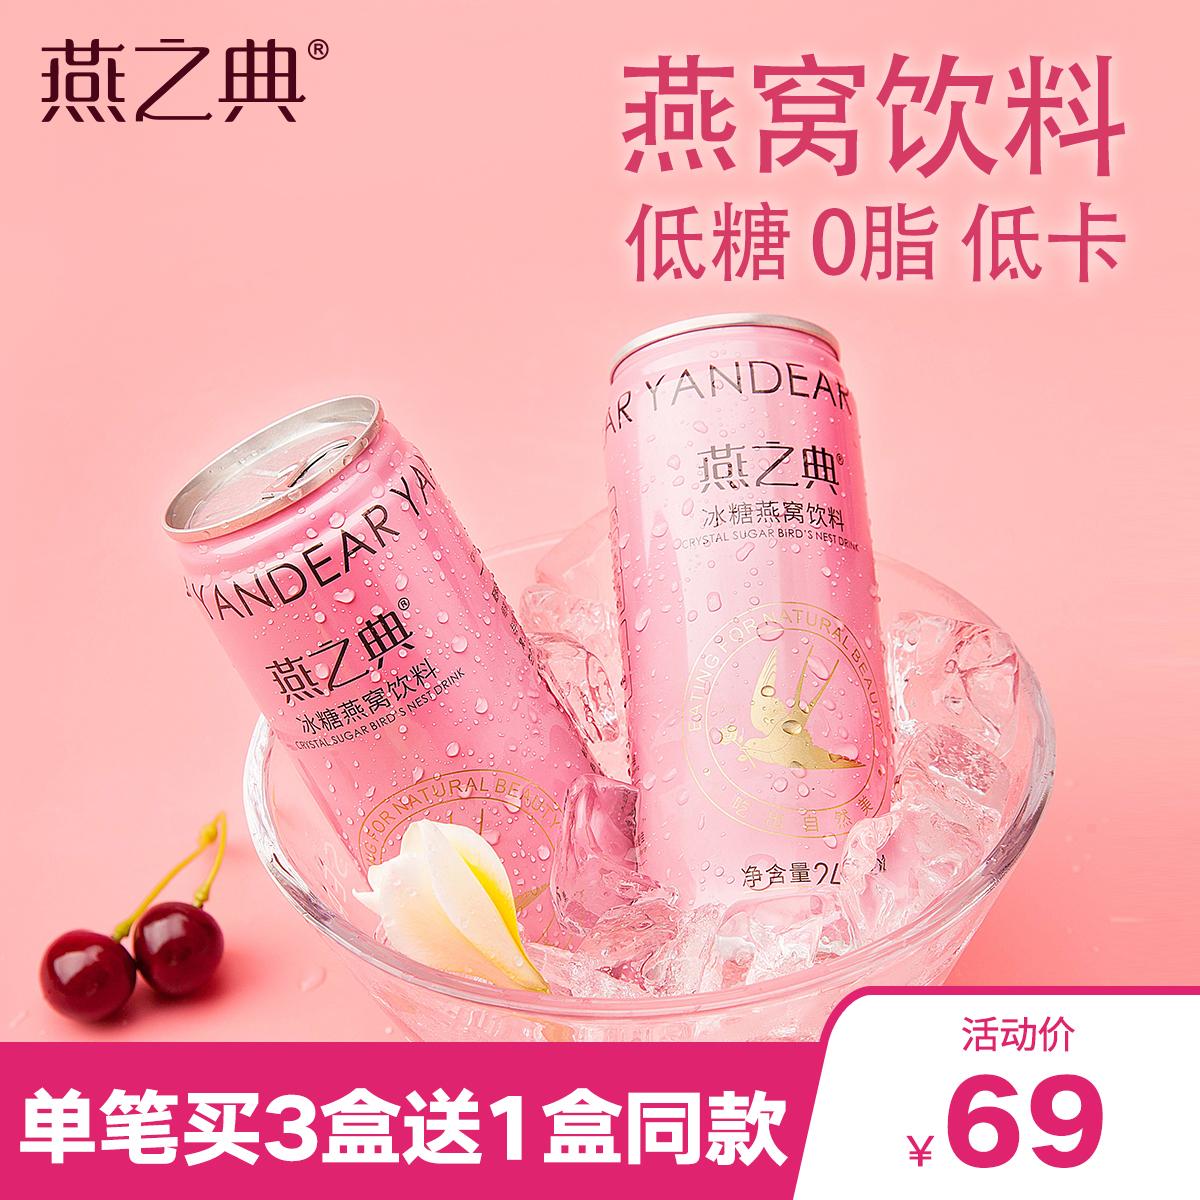 燕之典 燕窝红枣冰糖饮品即食燕窝正品功能网红饮料1盒6瓶